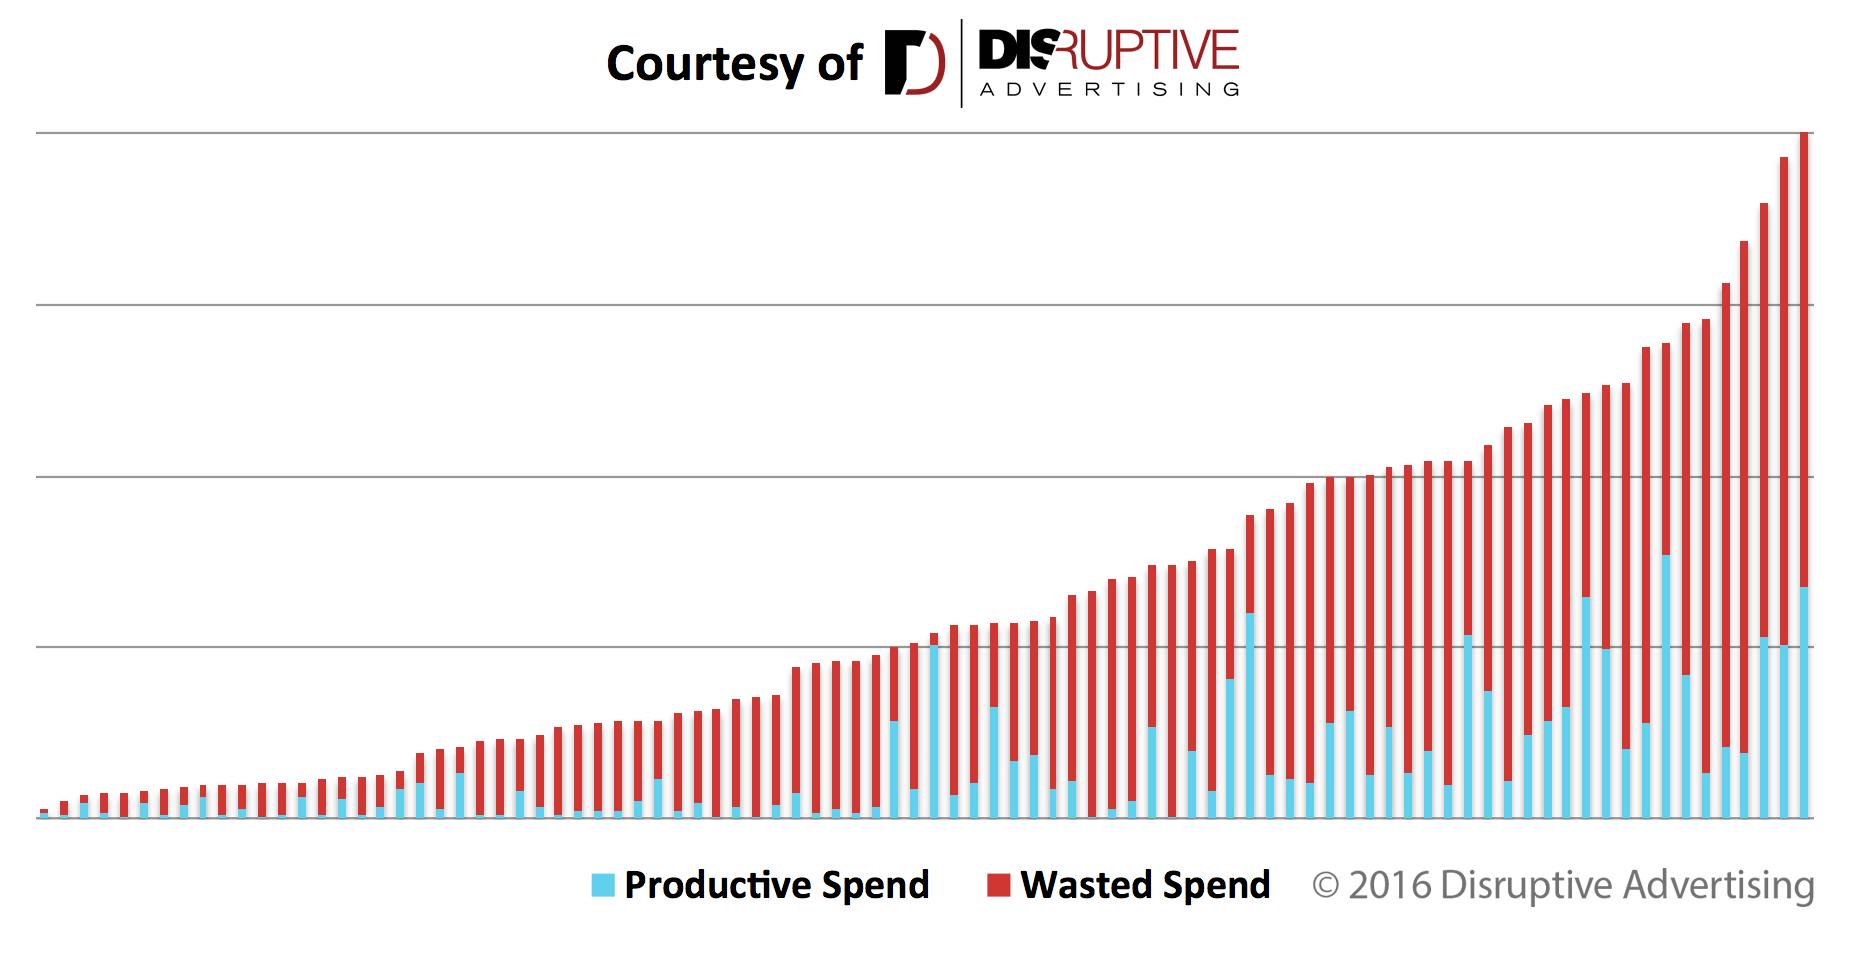 Gasto publicitario productivo frente a desperdicio de AdWords | Publicidad disruptiva